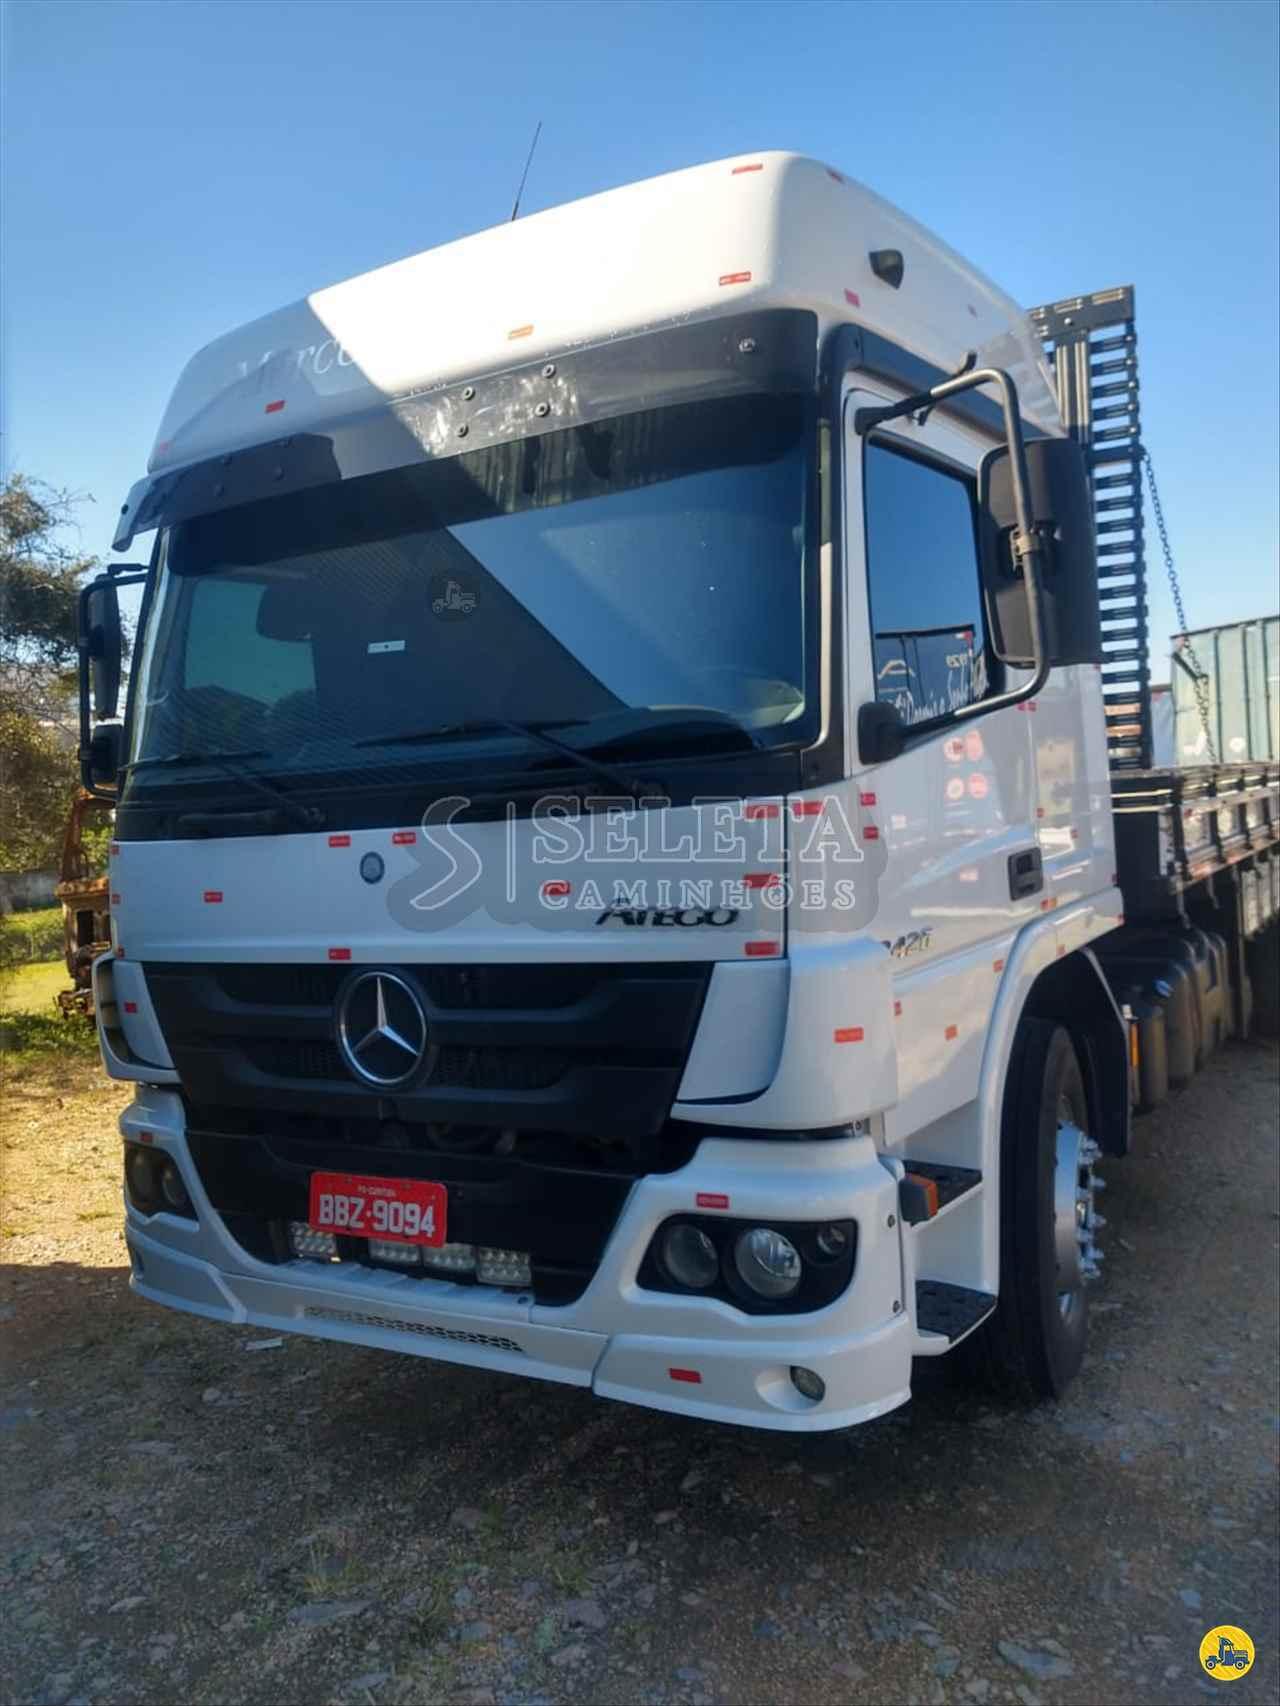 CAMINHAO MERCEDES-BENZ MB 2426 Carga Seca Truck 6x2 Seleta Caminhões CAMPO LARGO PARANÁ PR